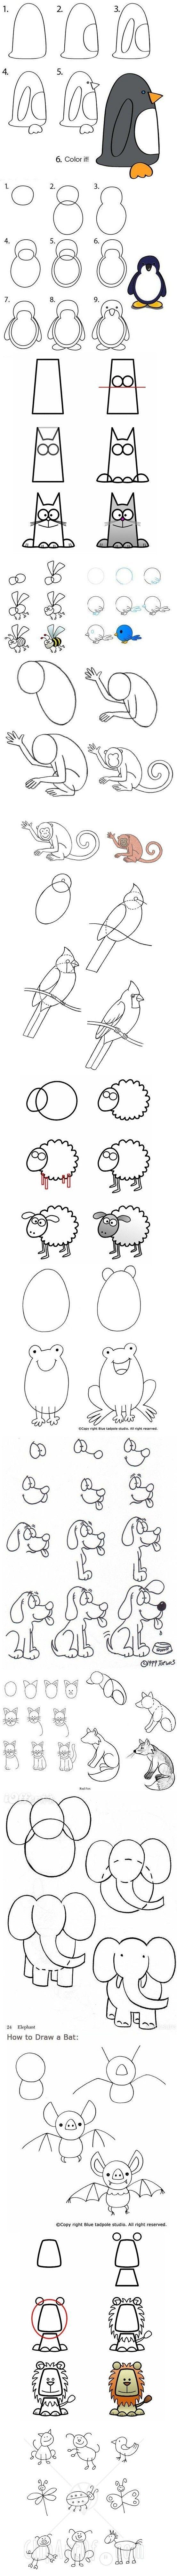 zeichnen lernen – Zeichnen von Angry Birds – vol 3441   Fashion